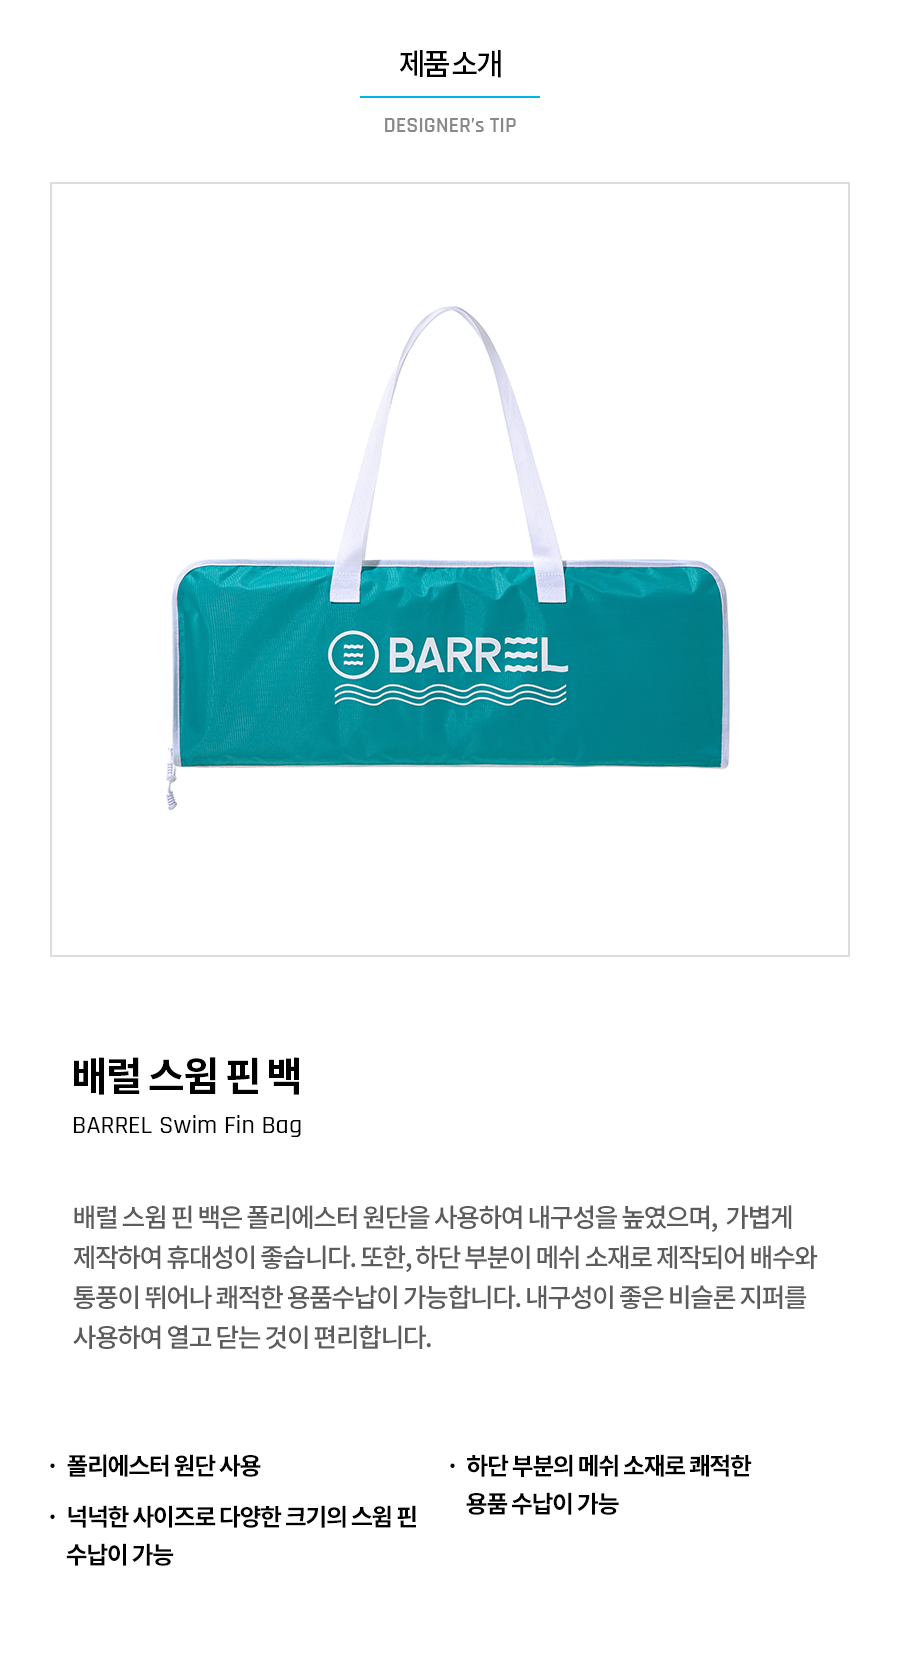 배럴(BARREL) 스윔 핀 백 민트 (BG9USBG11MNTFR)